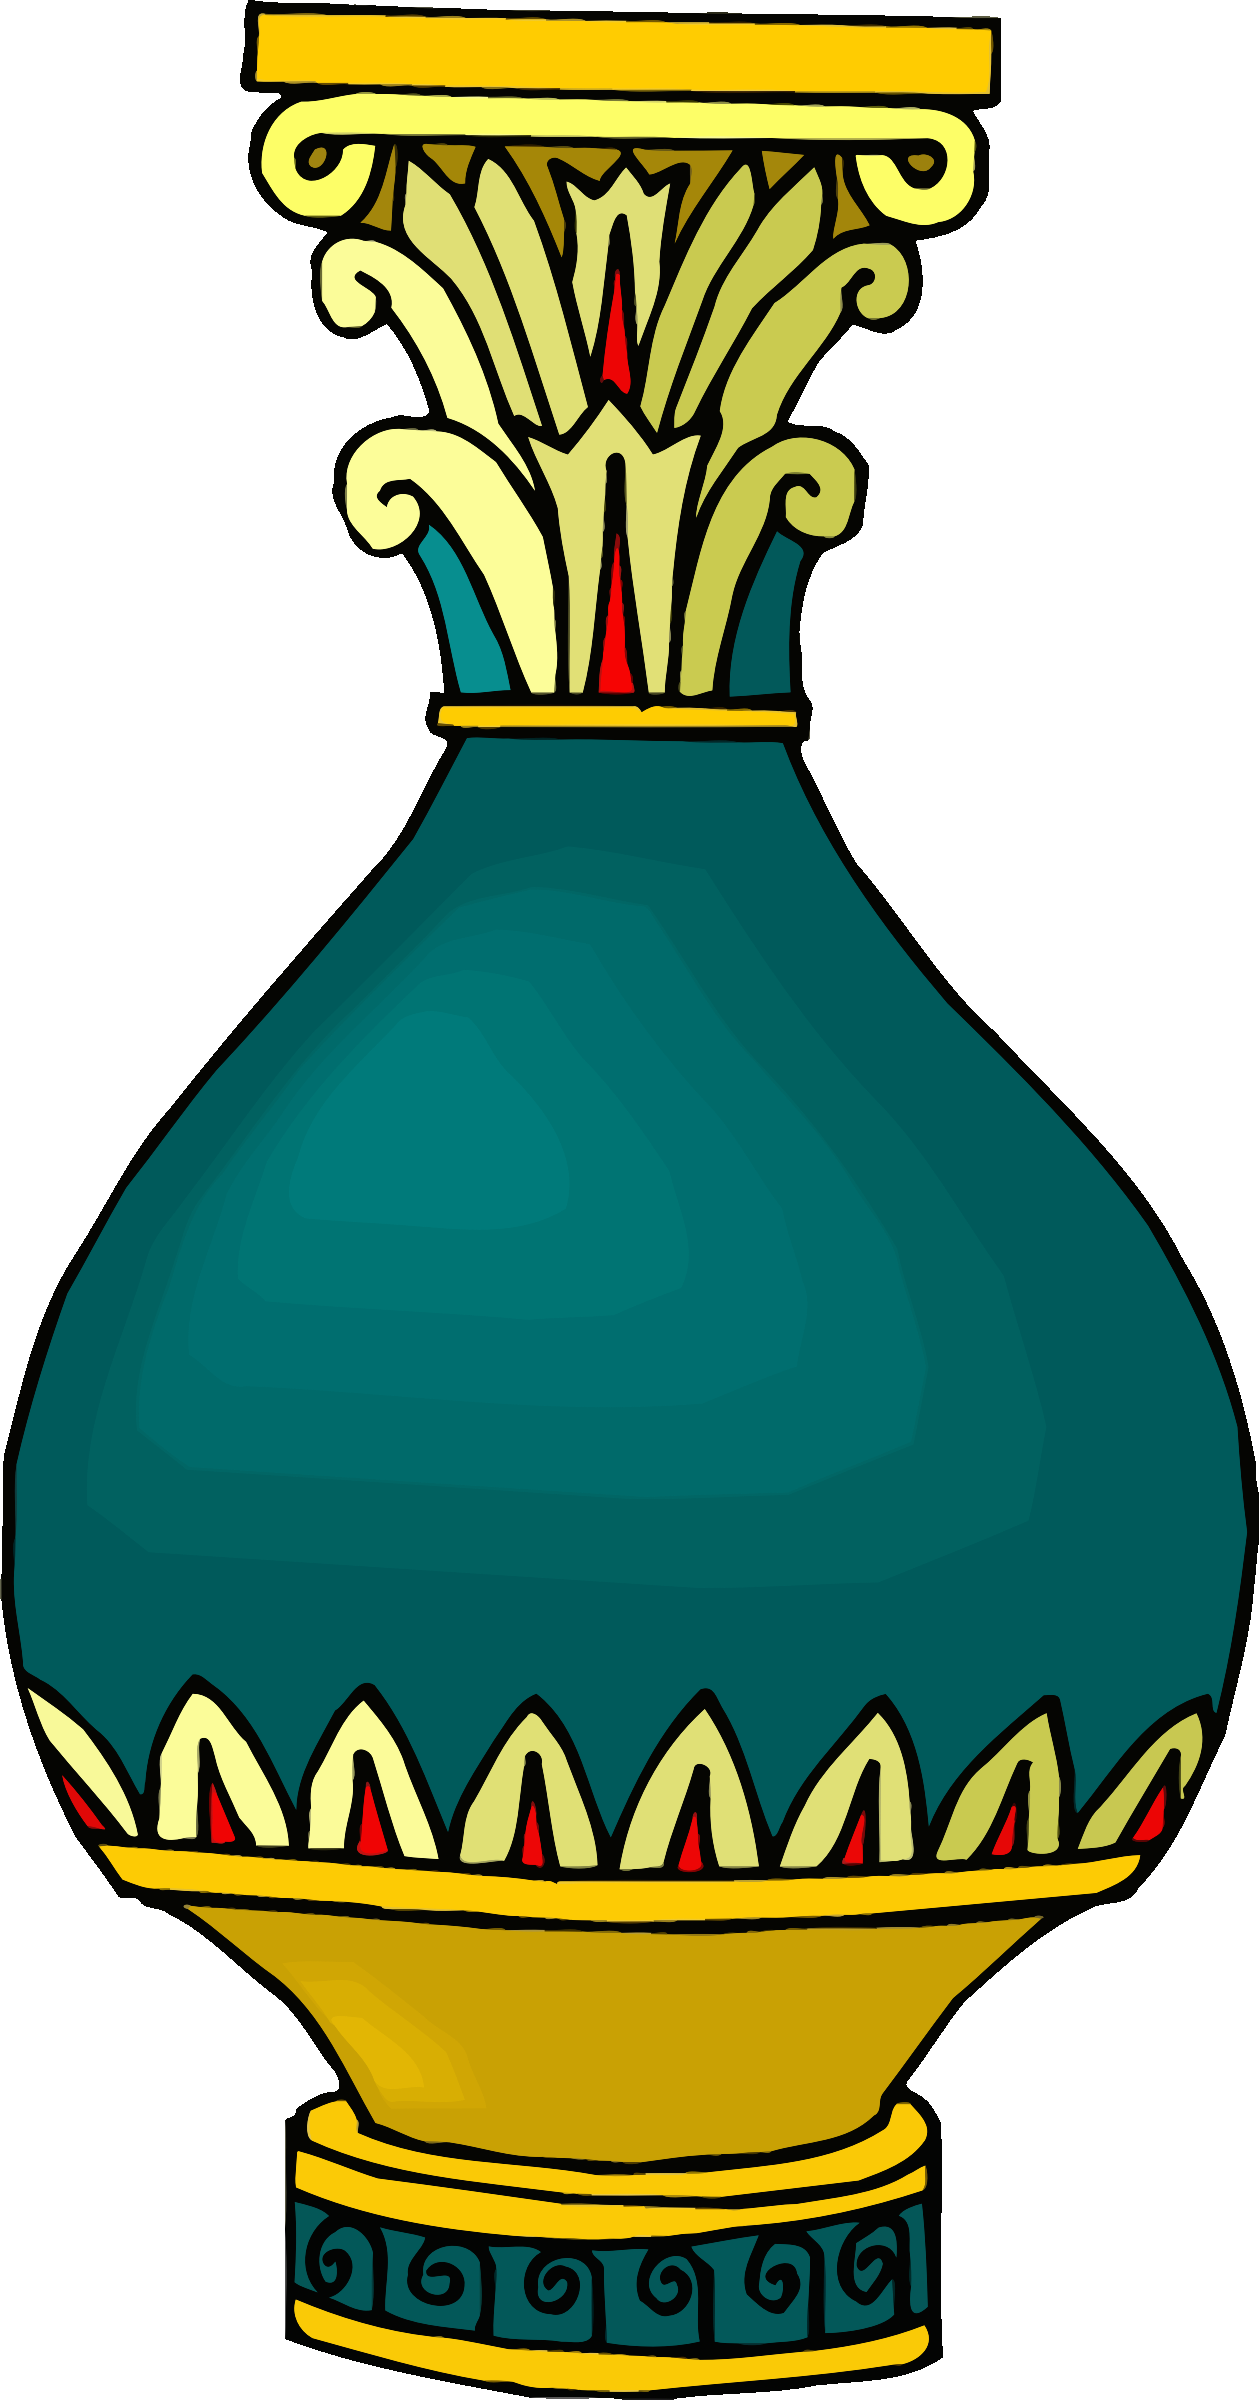 Clipart images vase. Big image png